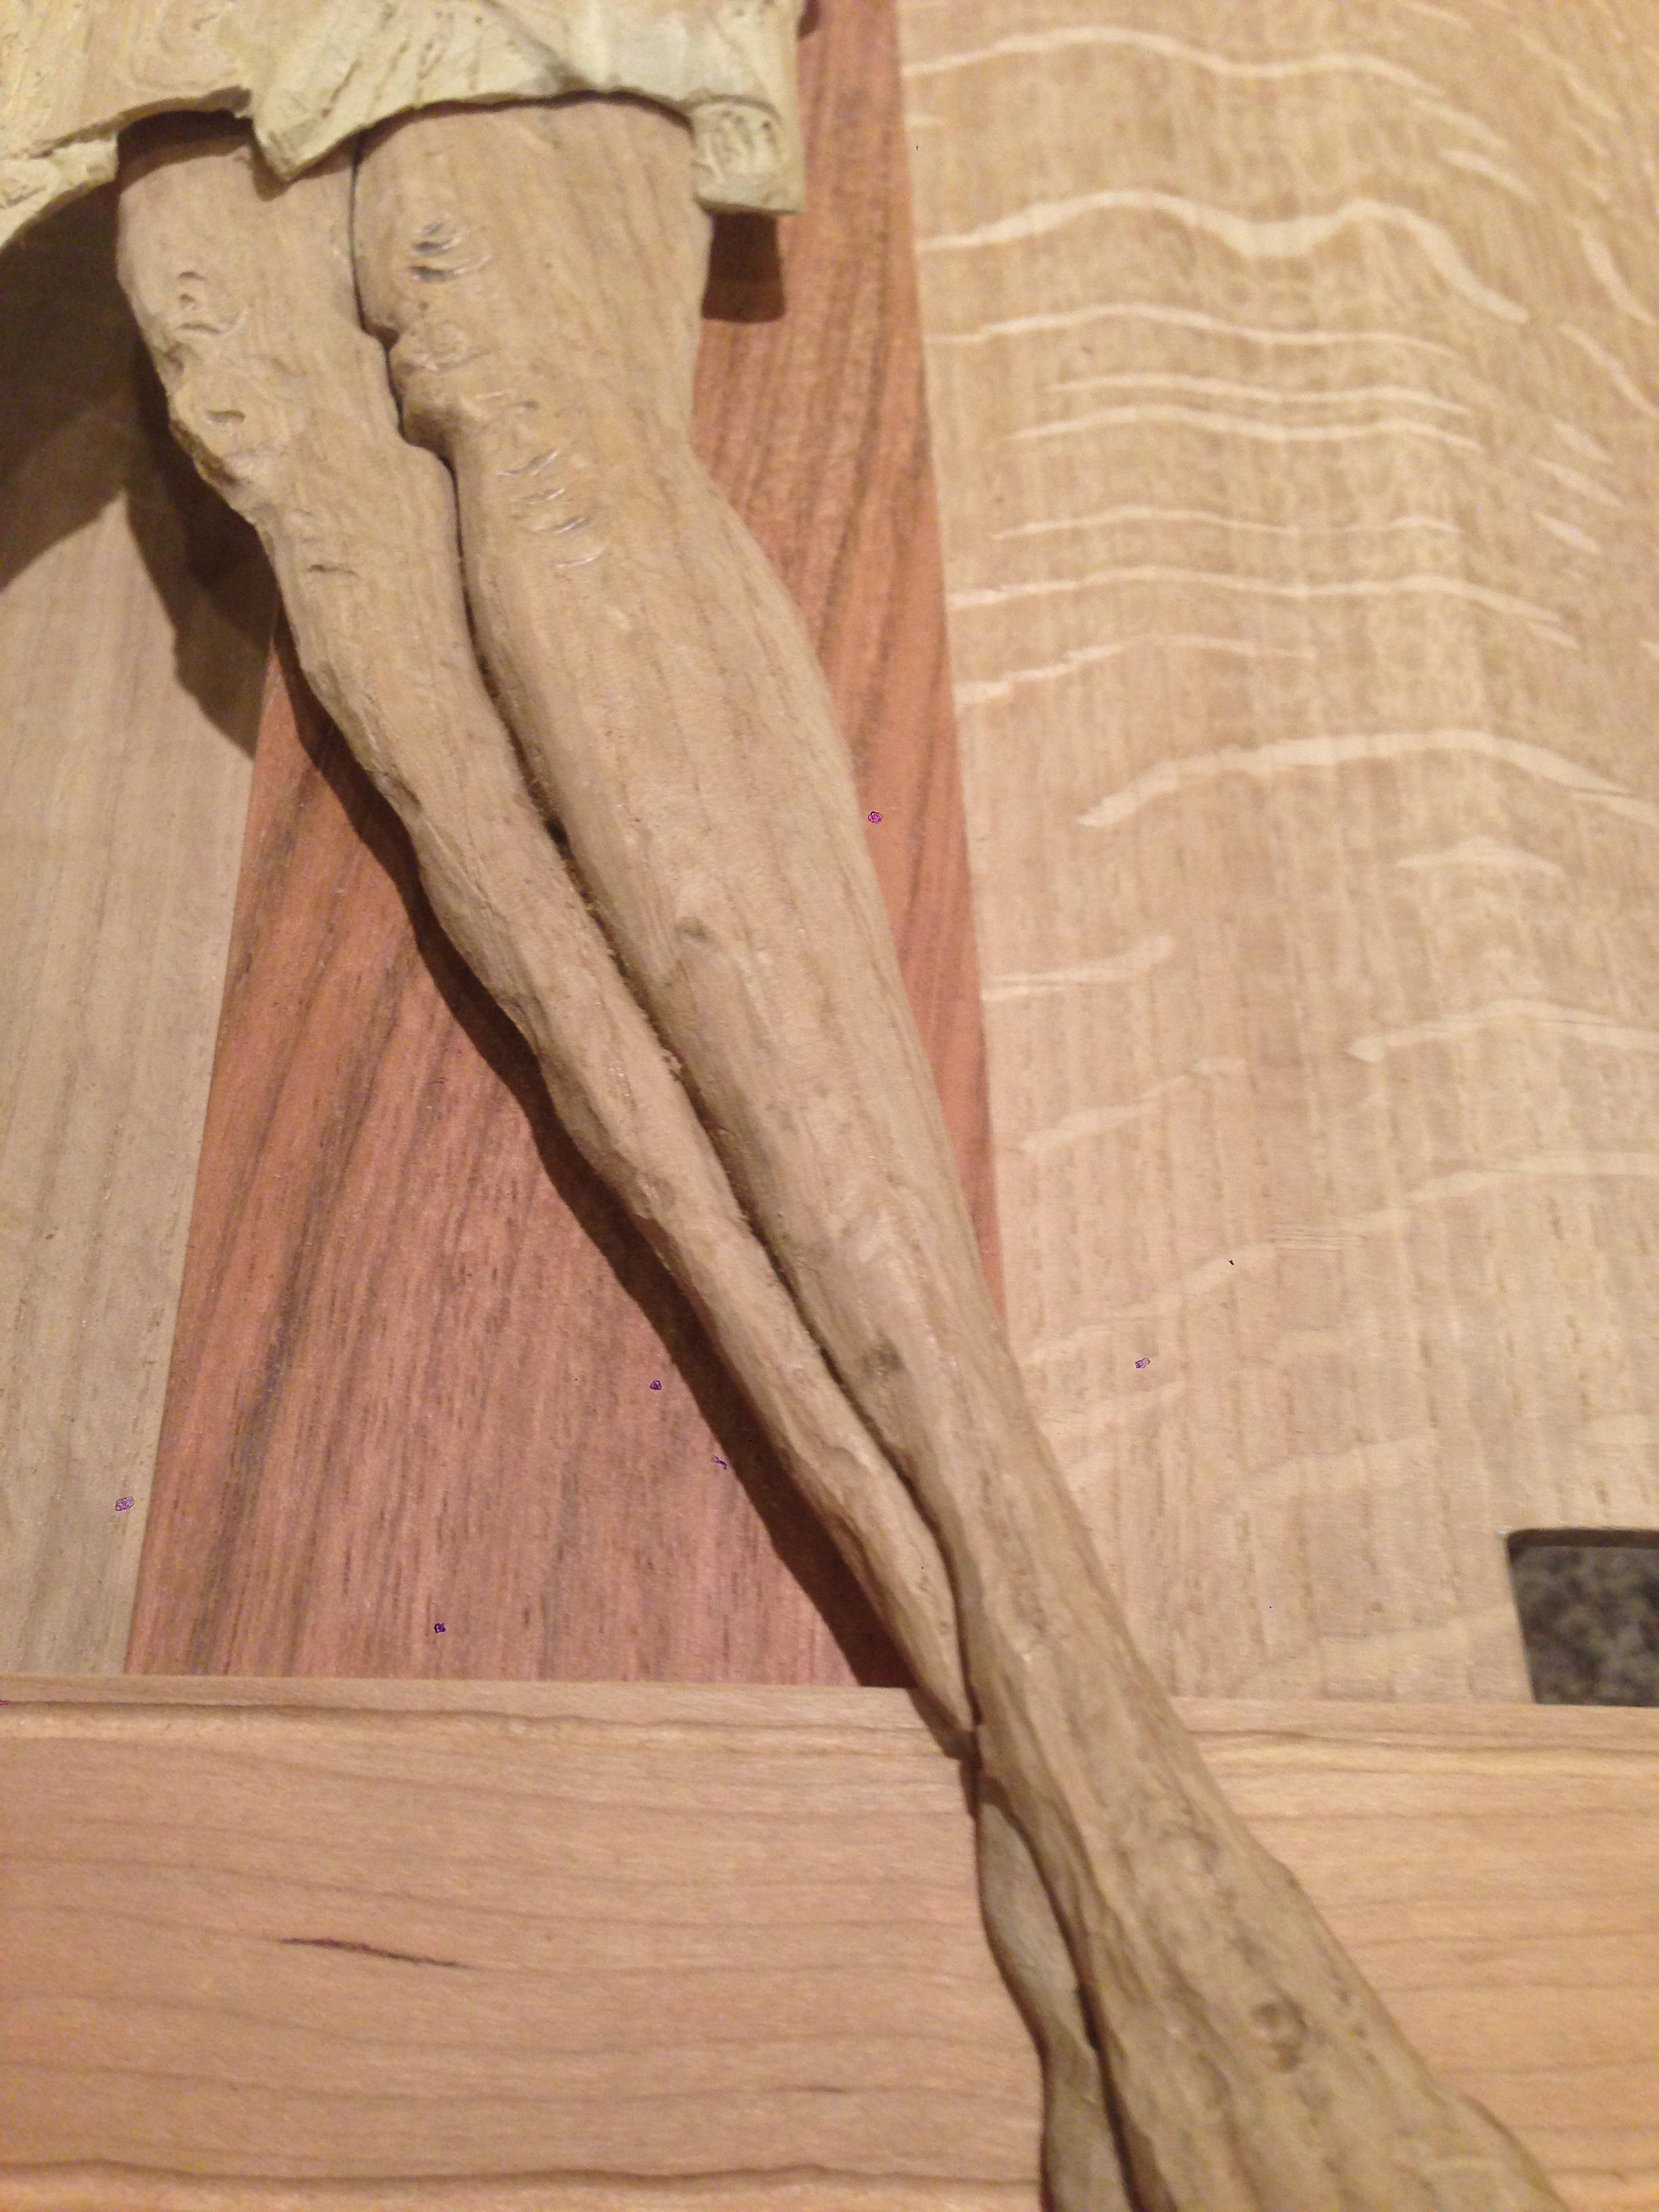 initial carving - leg detail